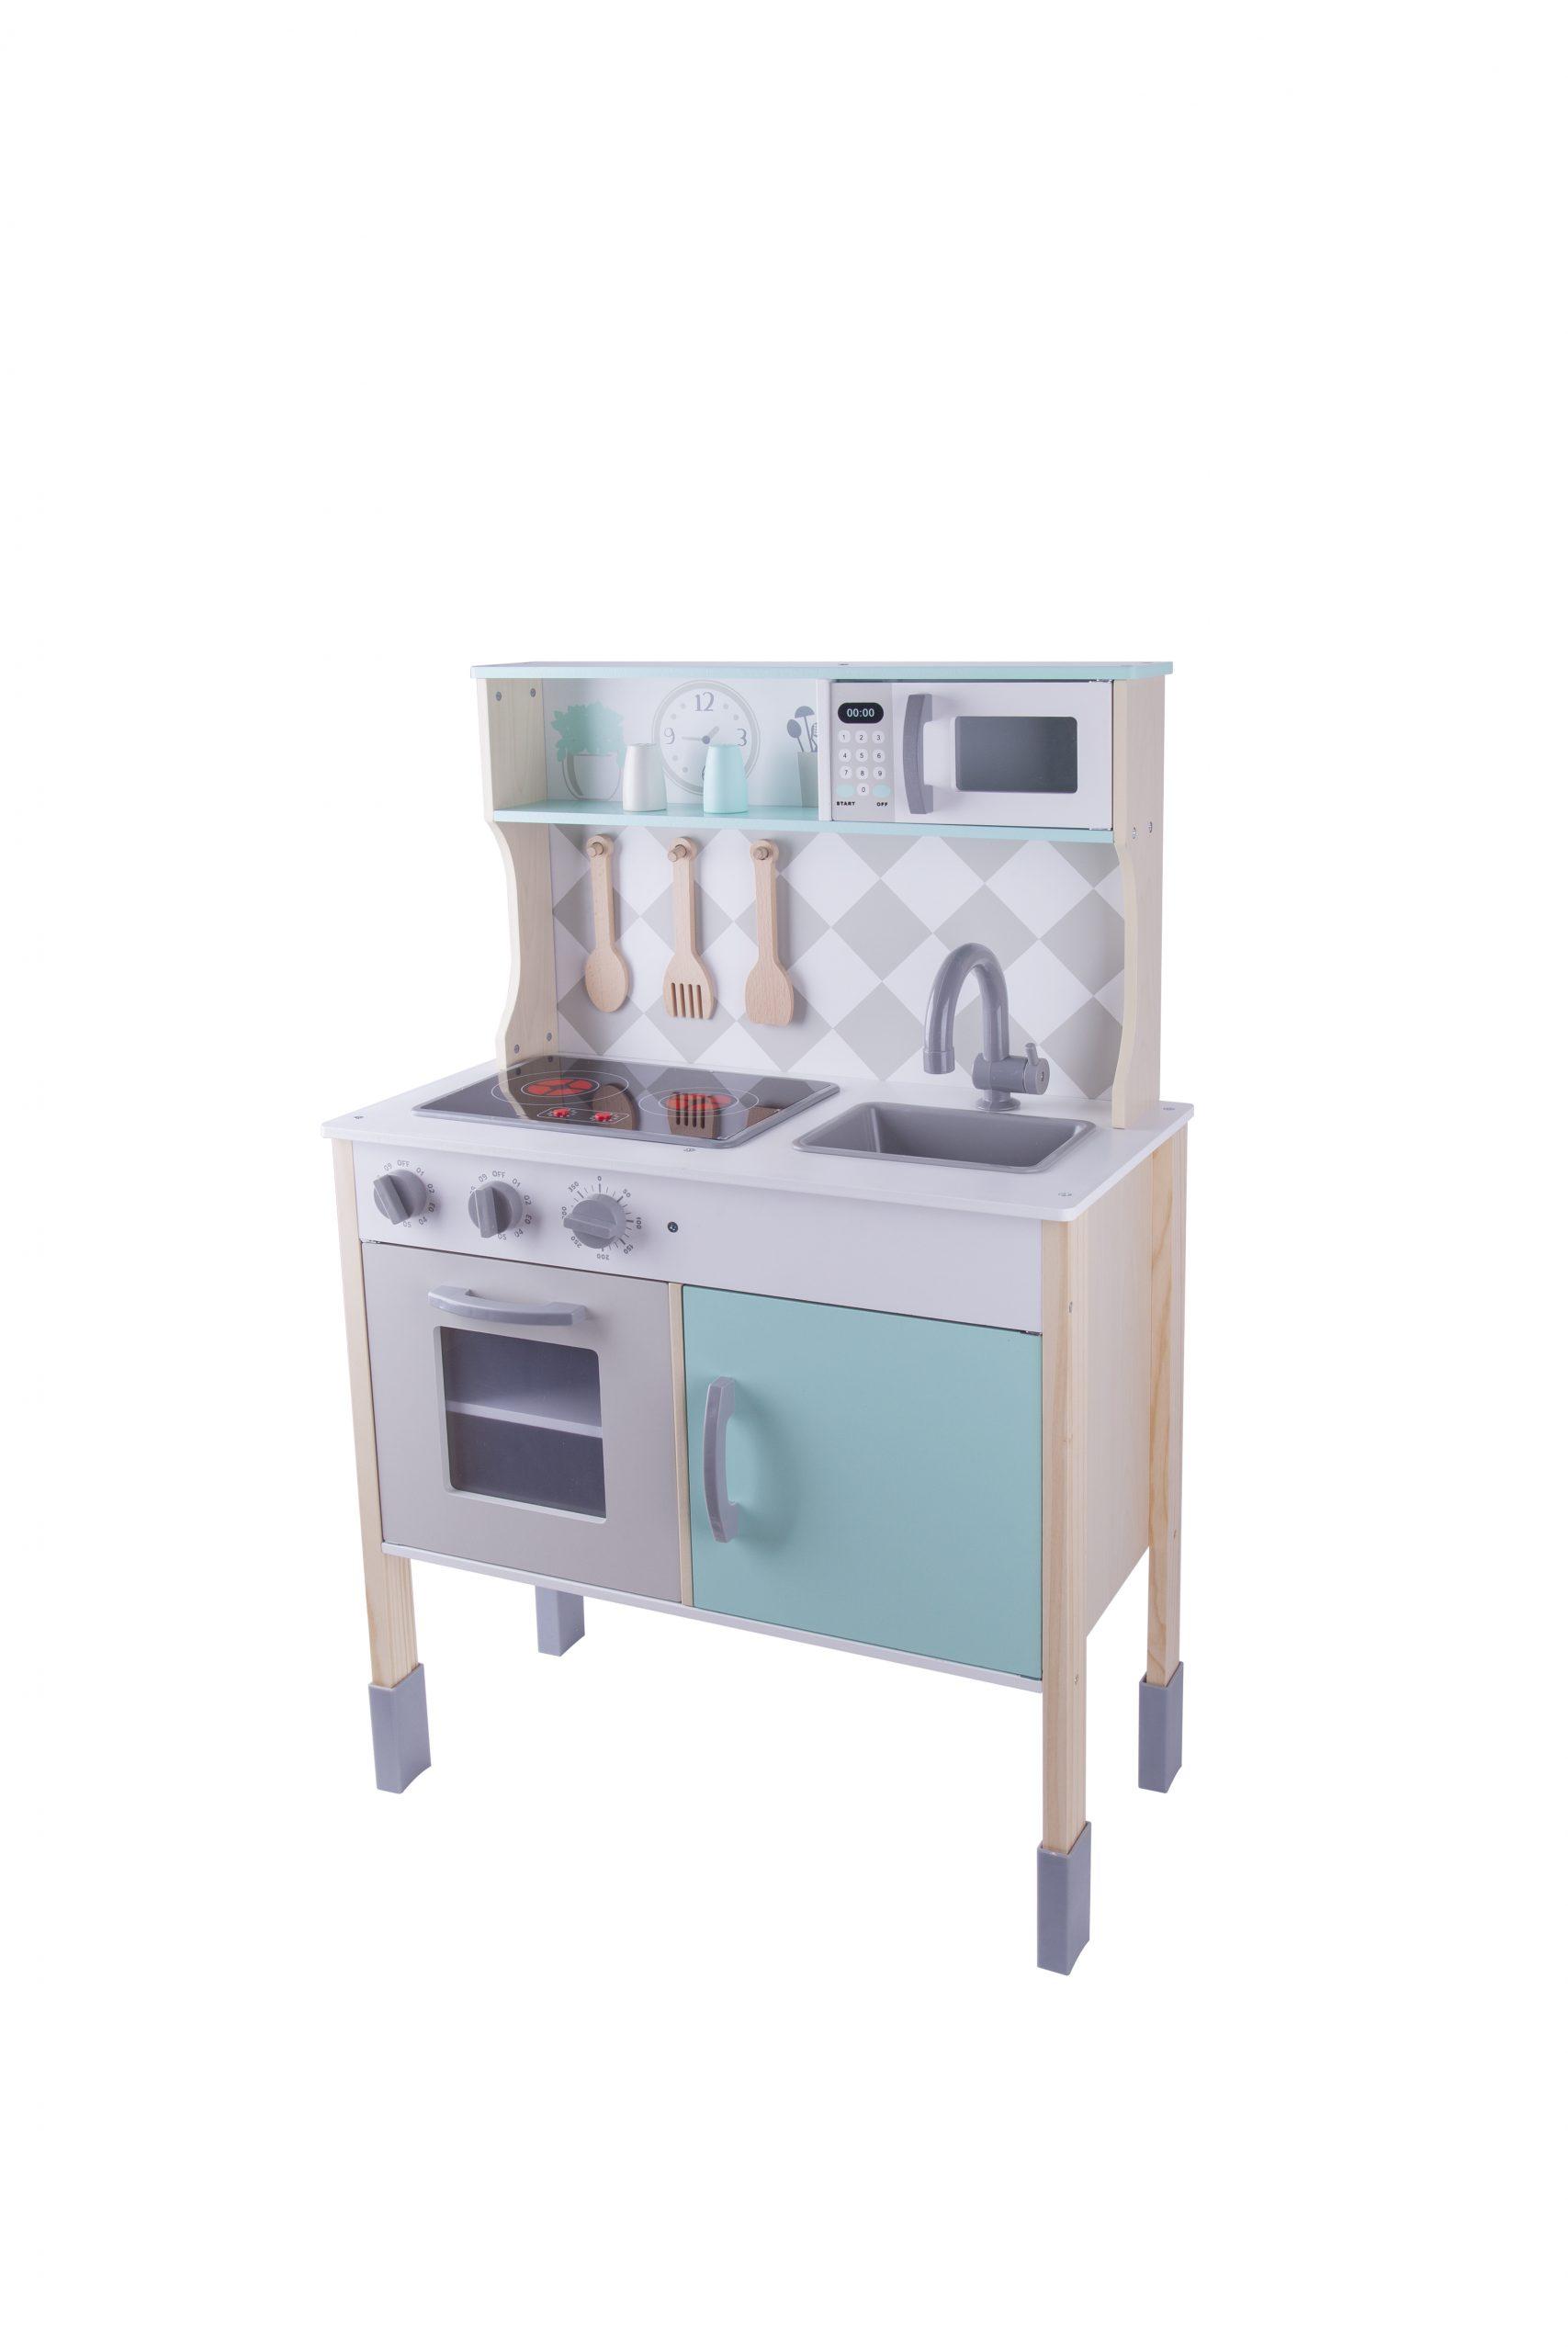 Mobili Da Cucina Carrefour